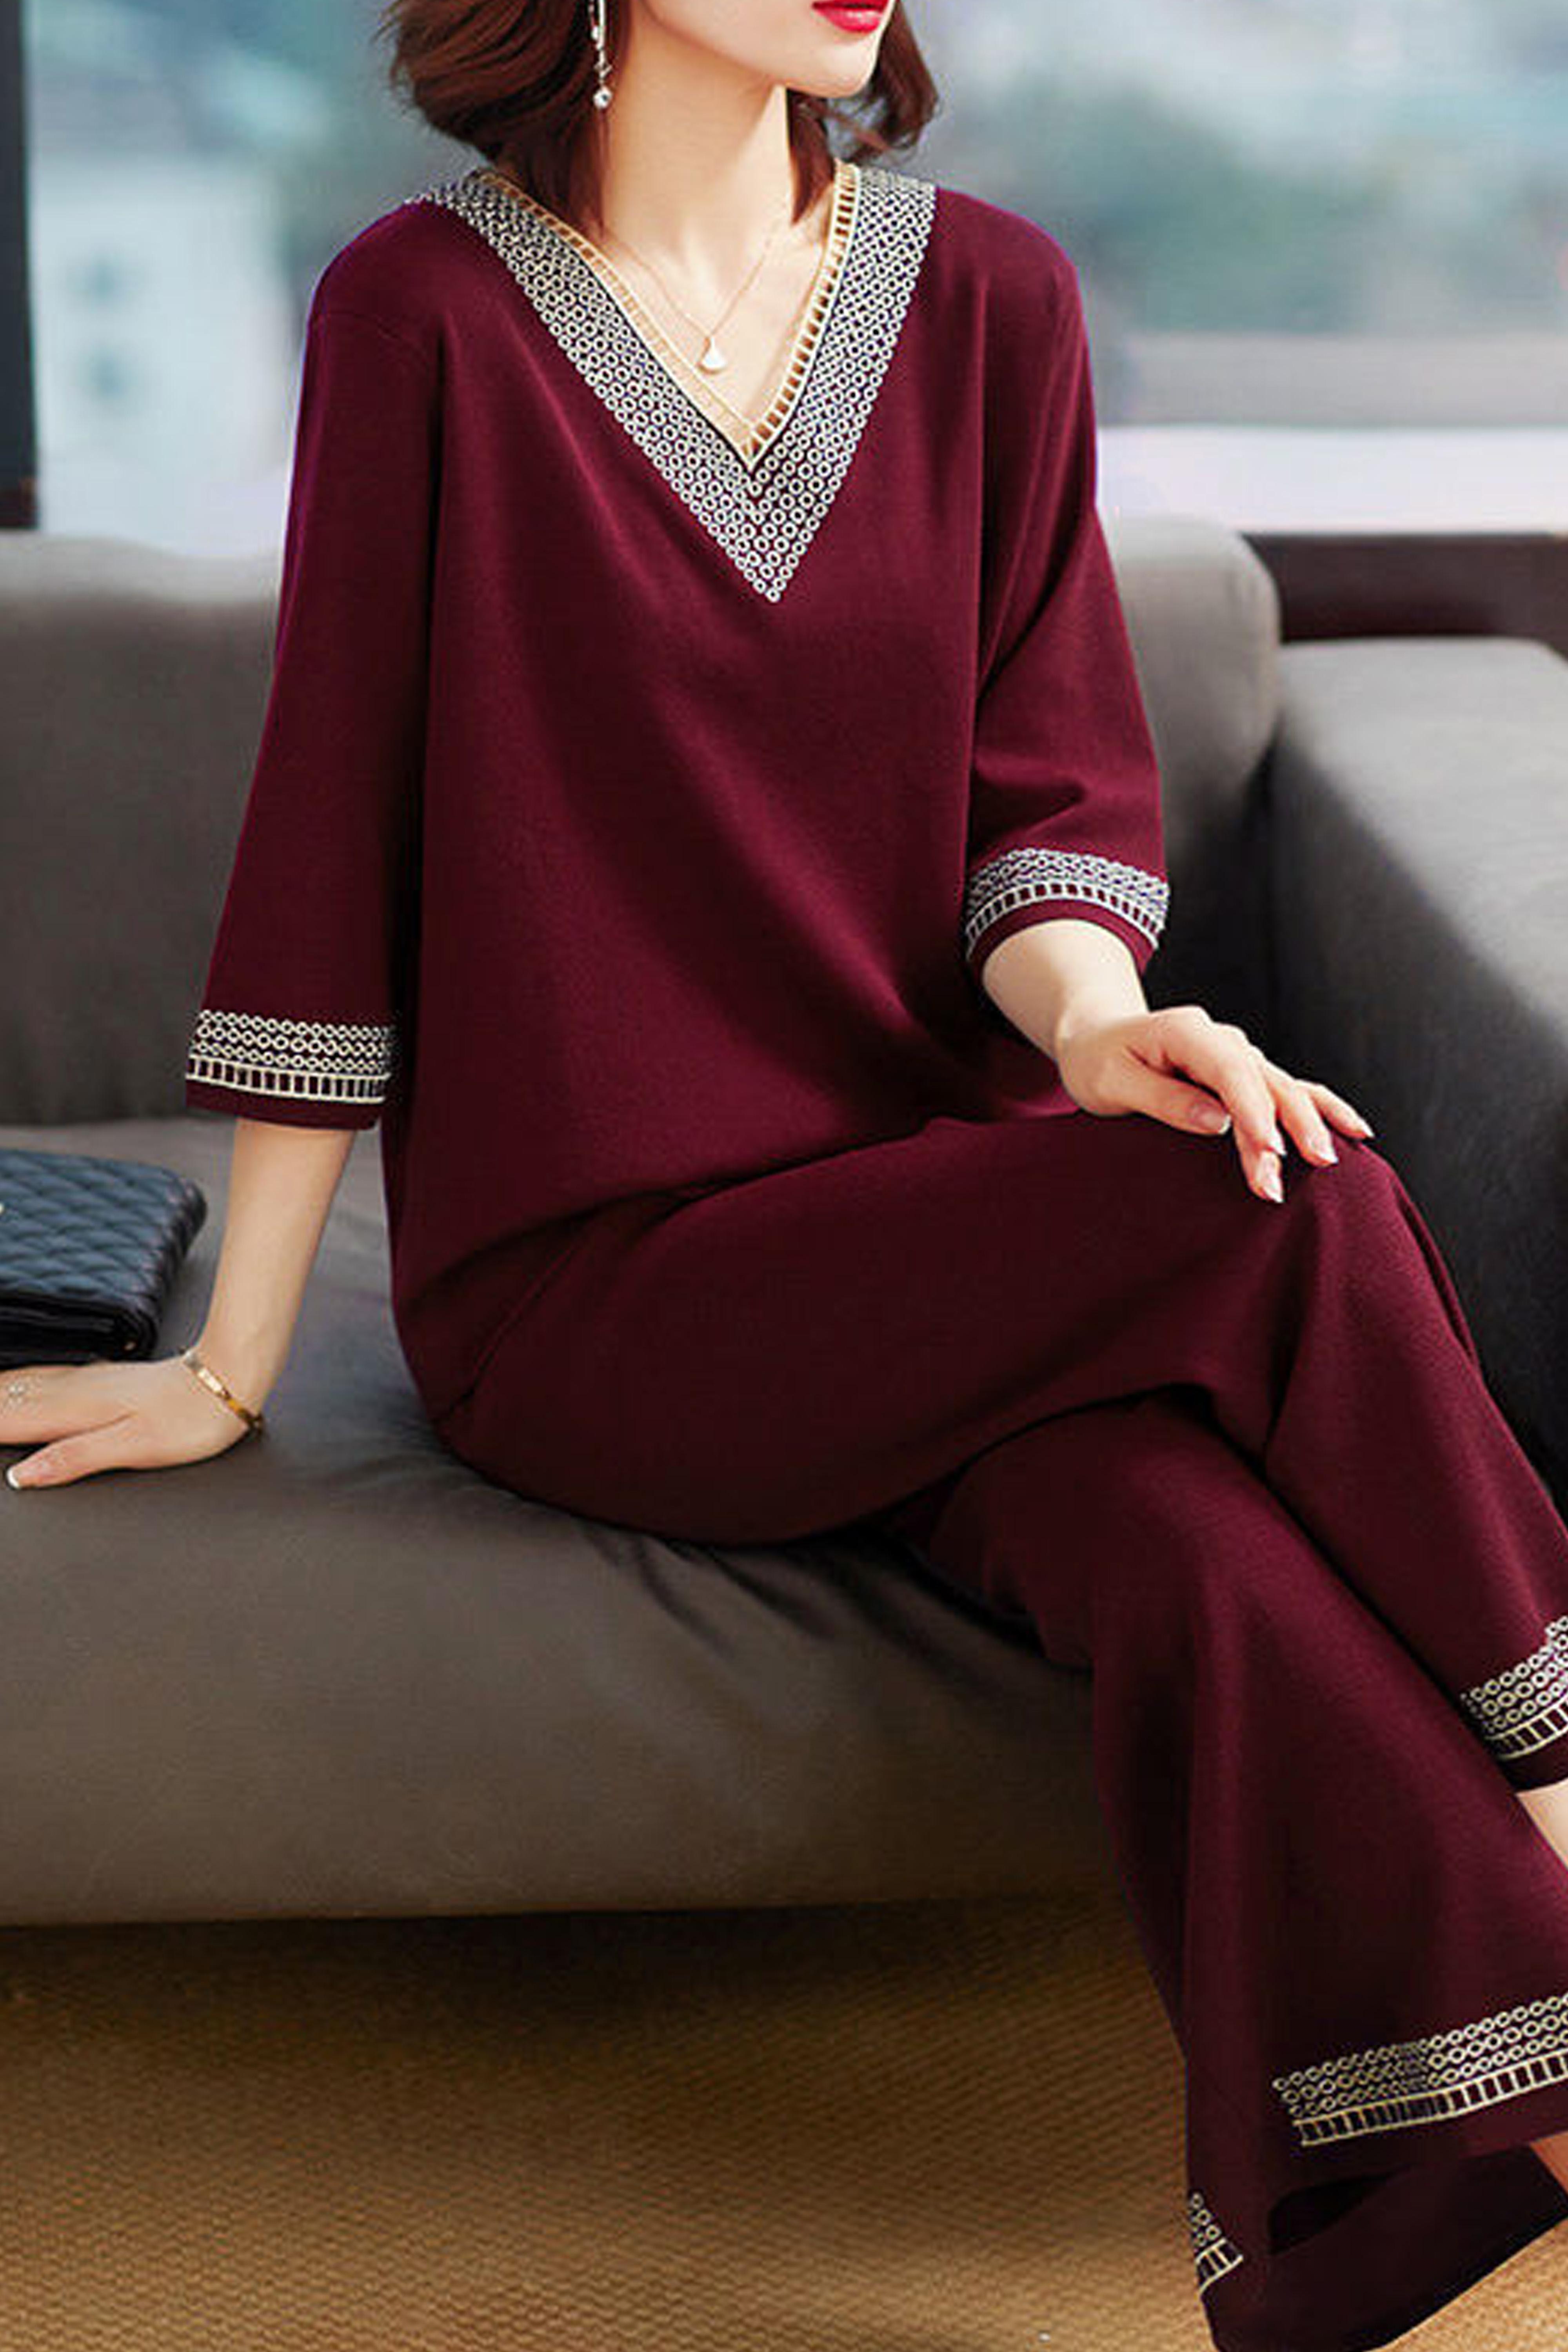 复古法式套装女春夏新款减龄洋气装大码休闲时尚两件套